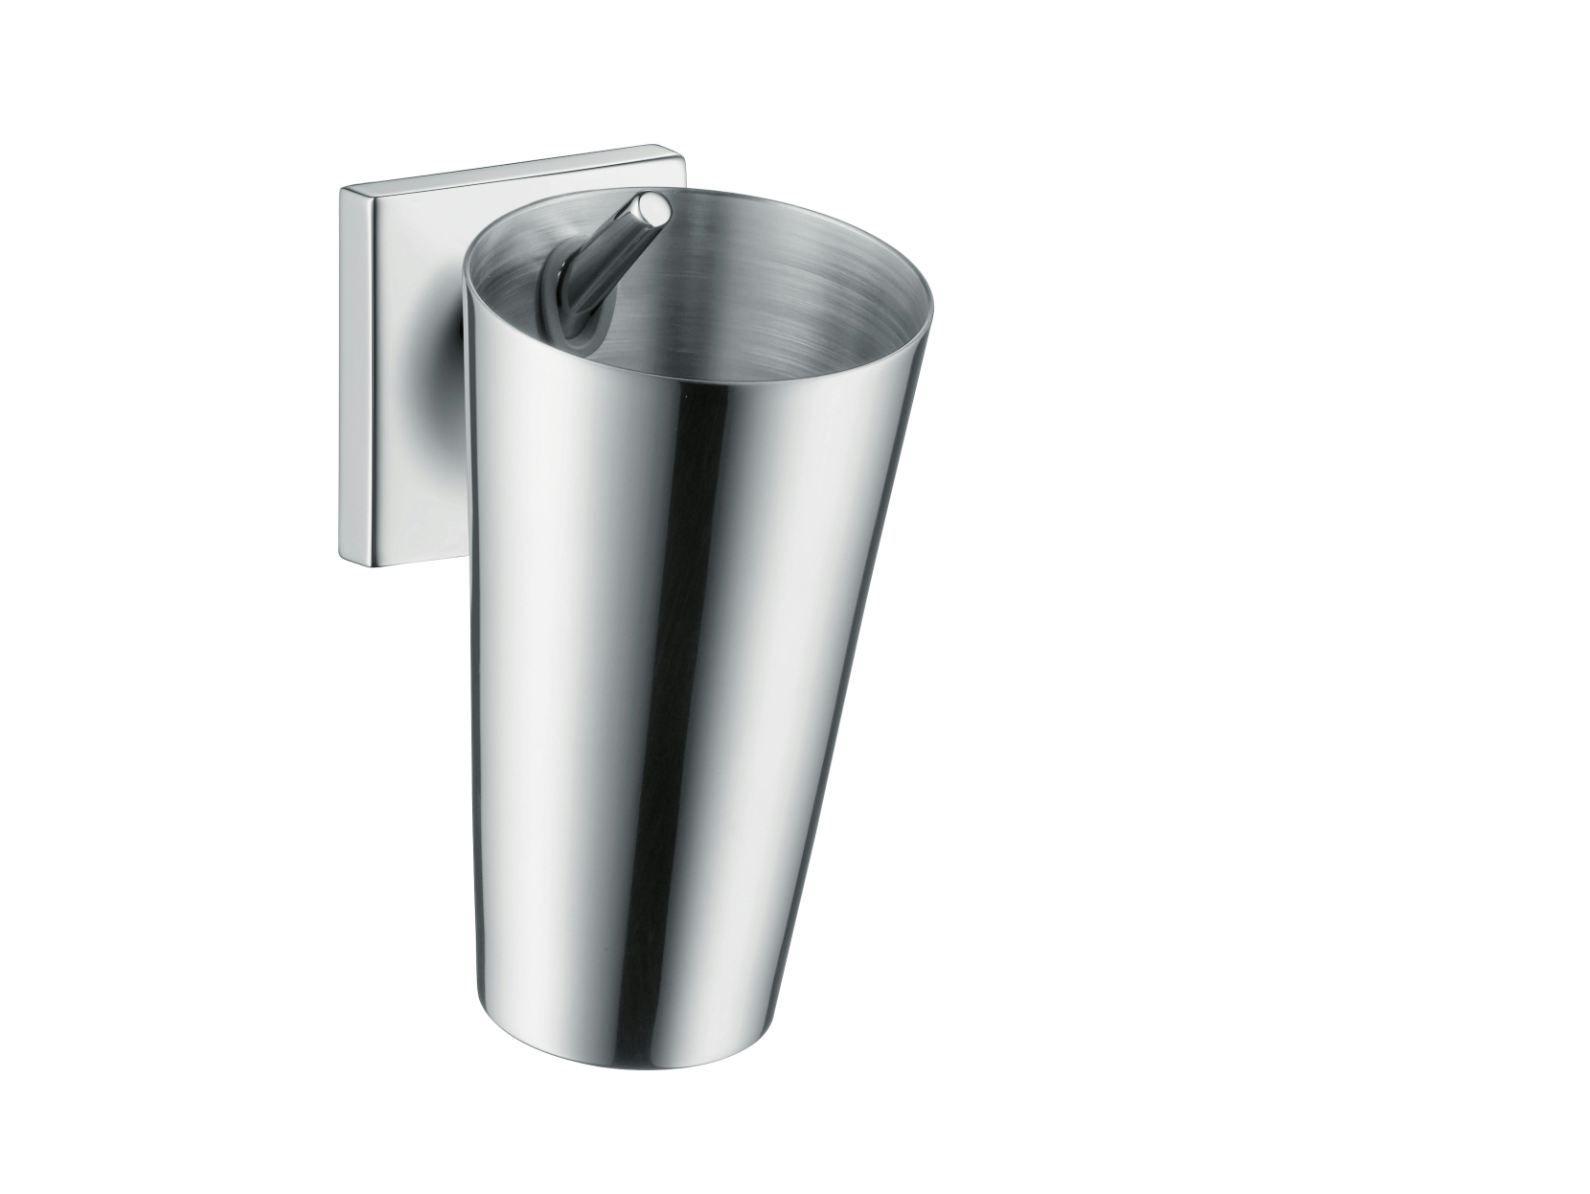 Accessori Bagno Philippe Starck.Axor Starck Organic Portaspazzolino By Hansgrohe Design